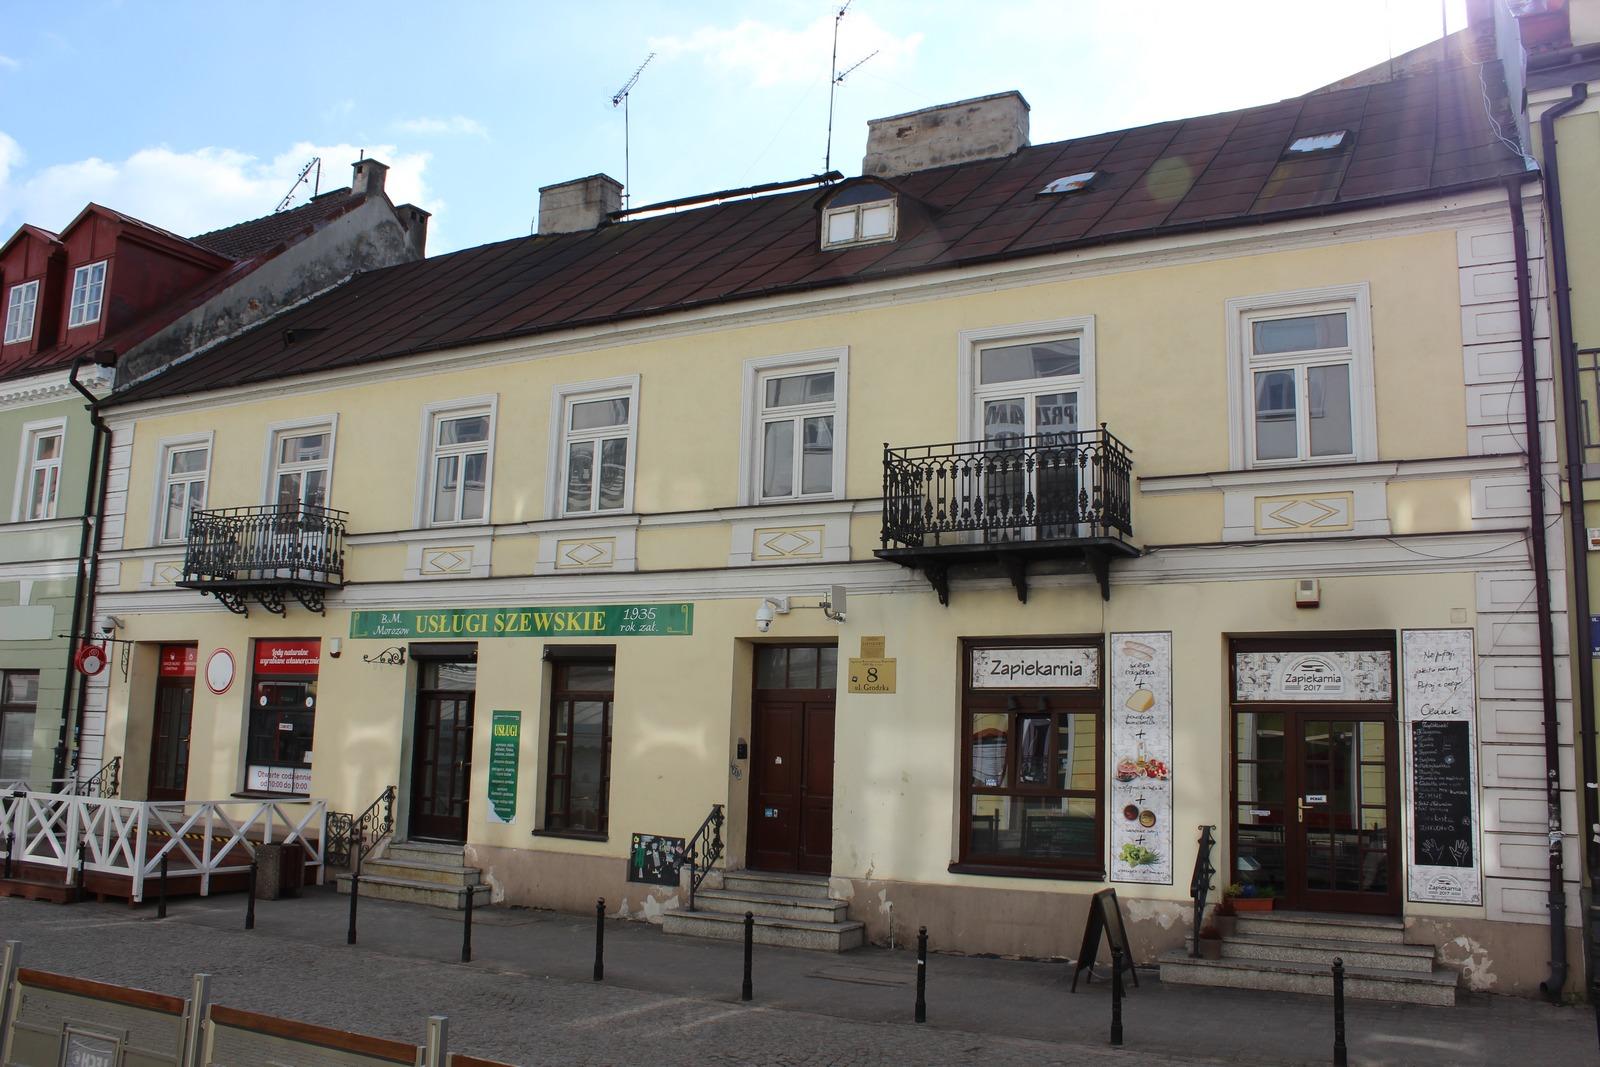 Historia nieruchomości przy Grodzkiej 8 w Płocku